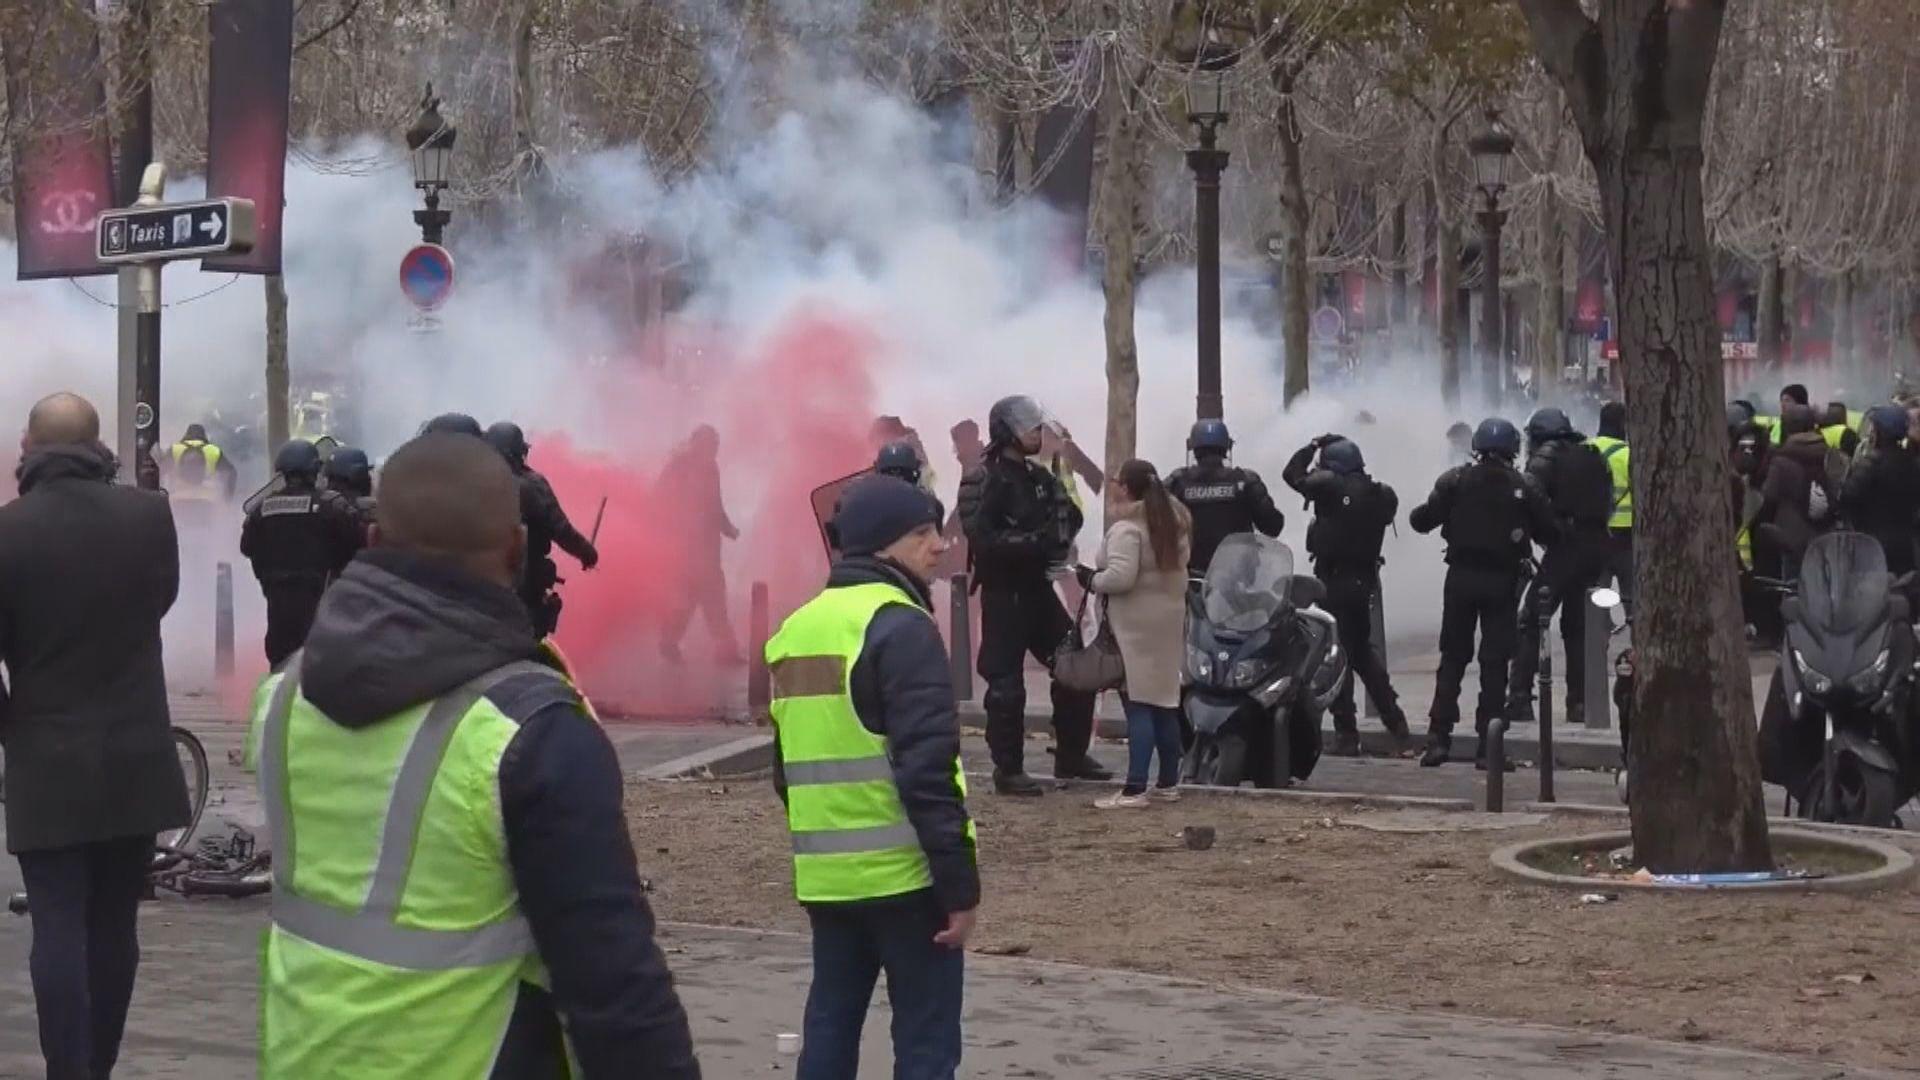 法國多處抗議調高柴油稅變成騷亂